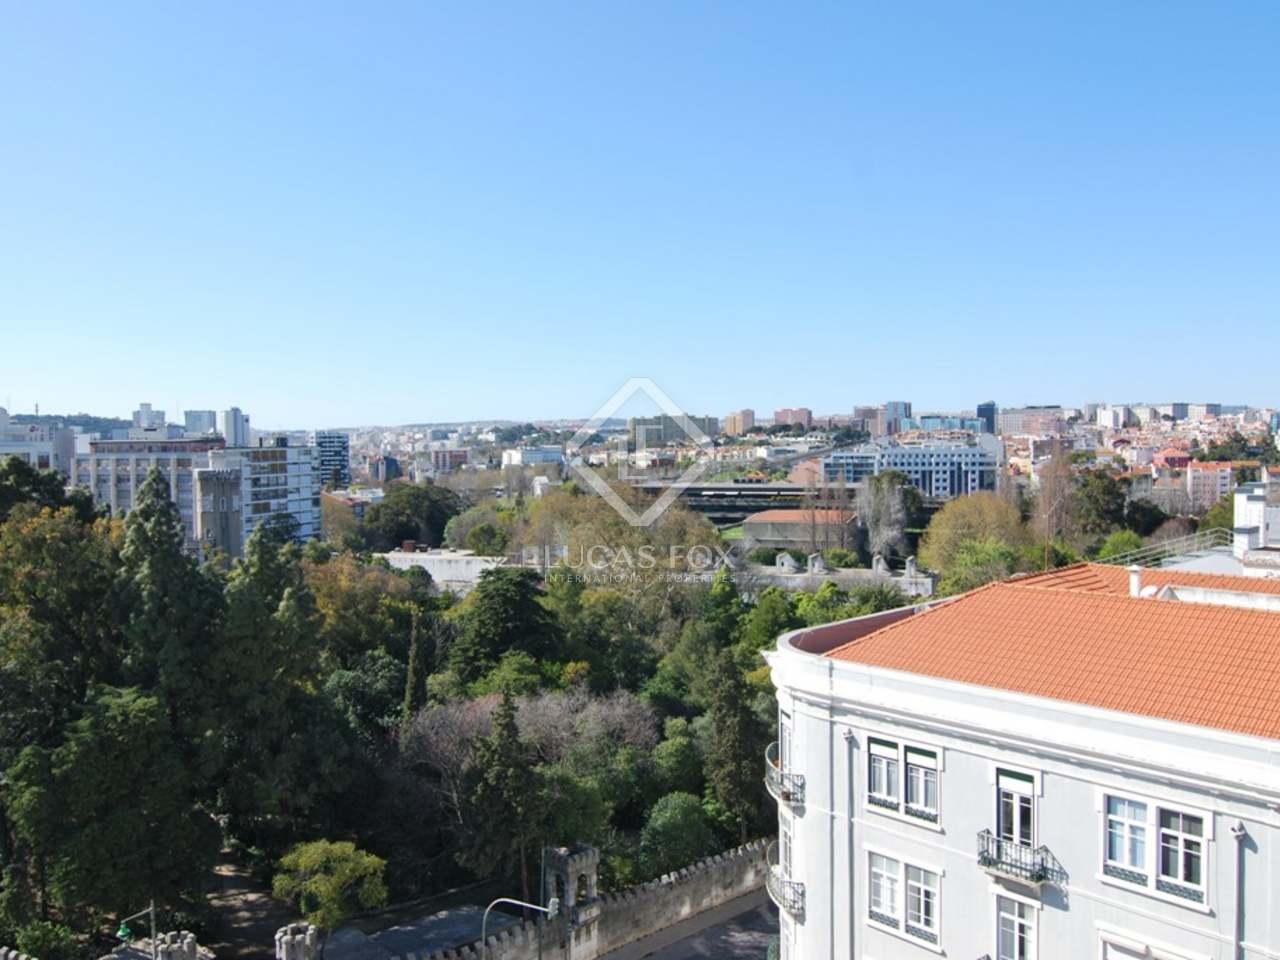 210m wohnung zum verkauf in lissabon stadt portugal. Black Bedroom Furniture Sets. Home Design Ideas